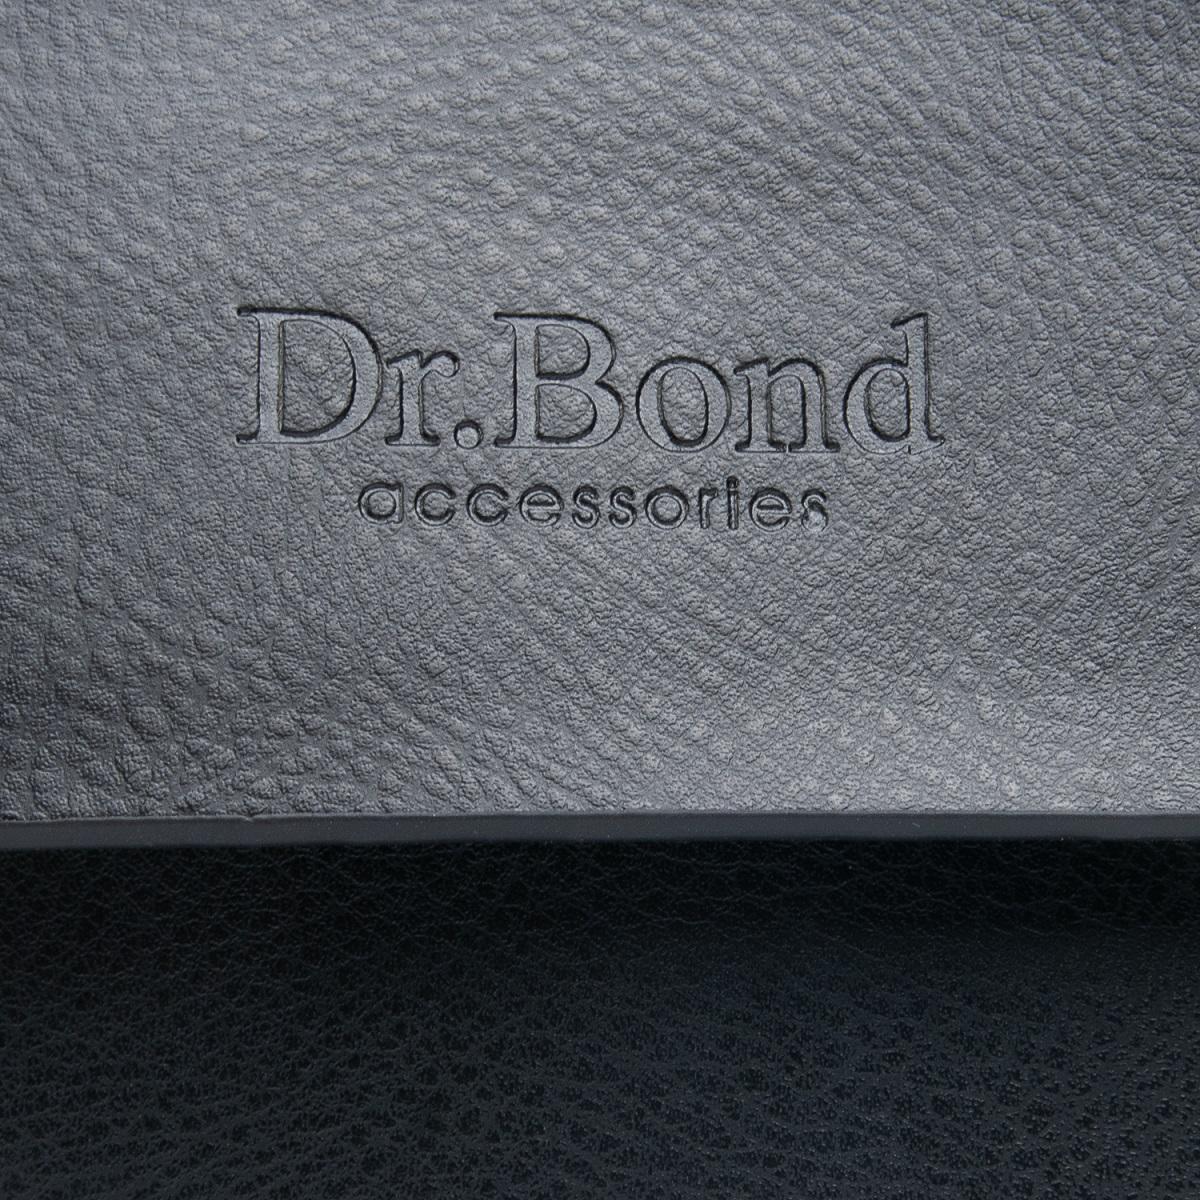 Сумка Мужская Планшет иск-кожа DR. BOND GL 218-1 black - фото 3